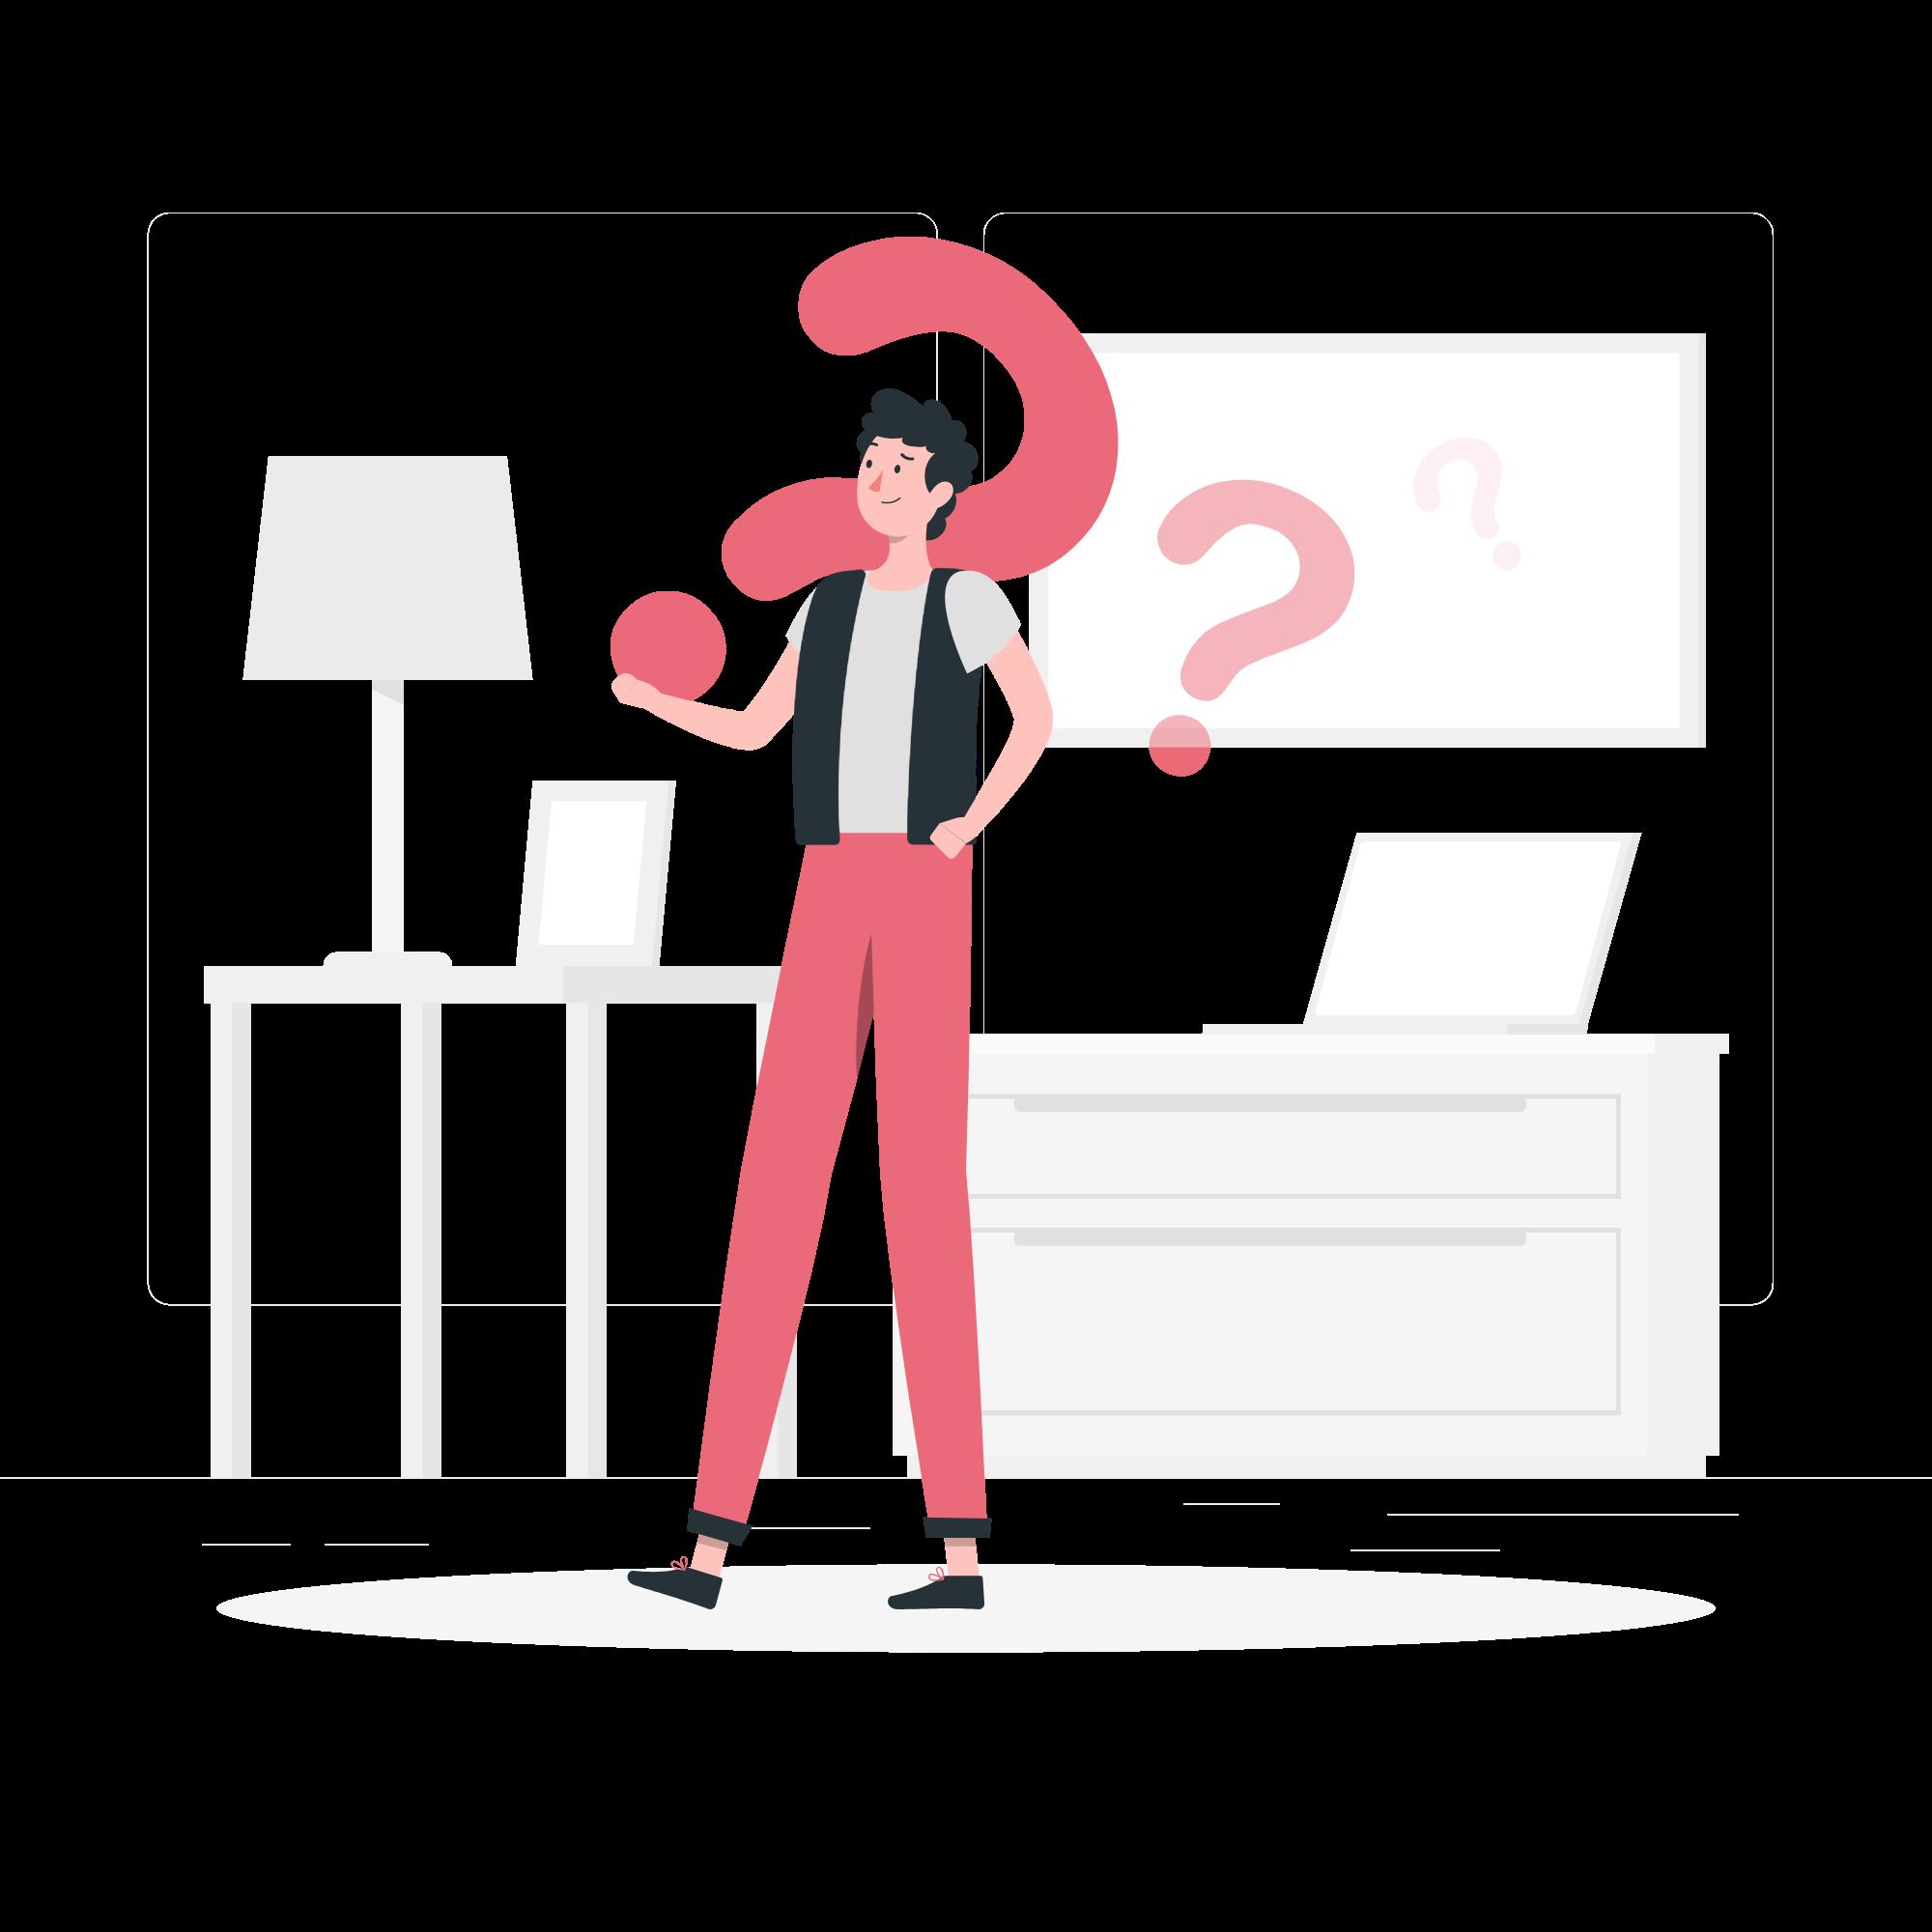 Ilustration for FAQ